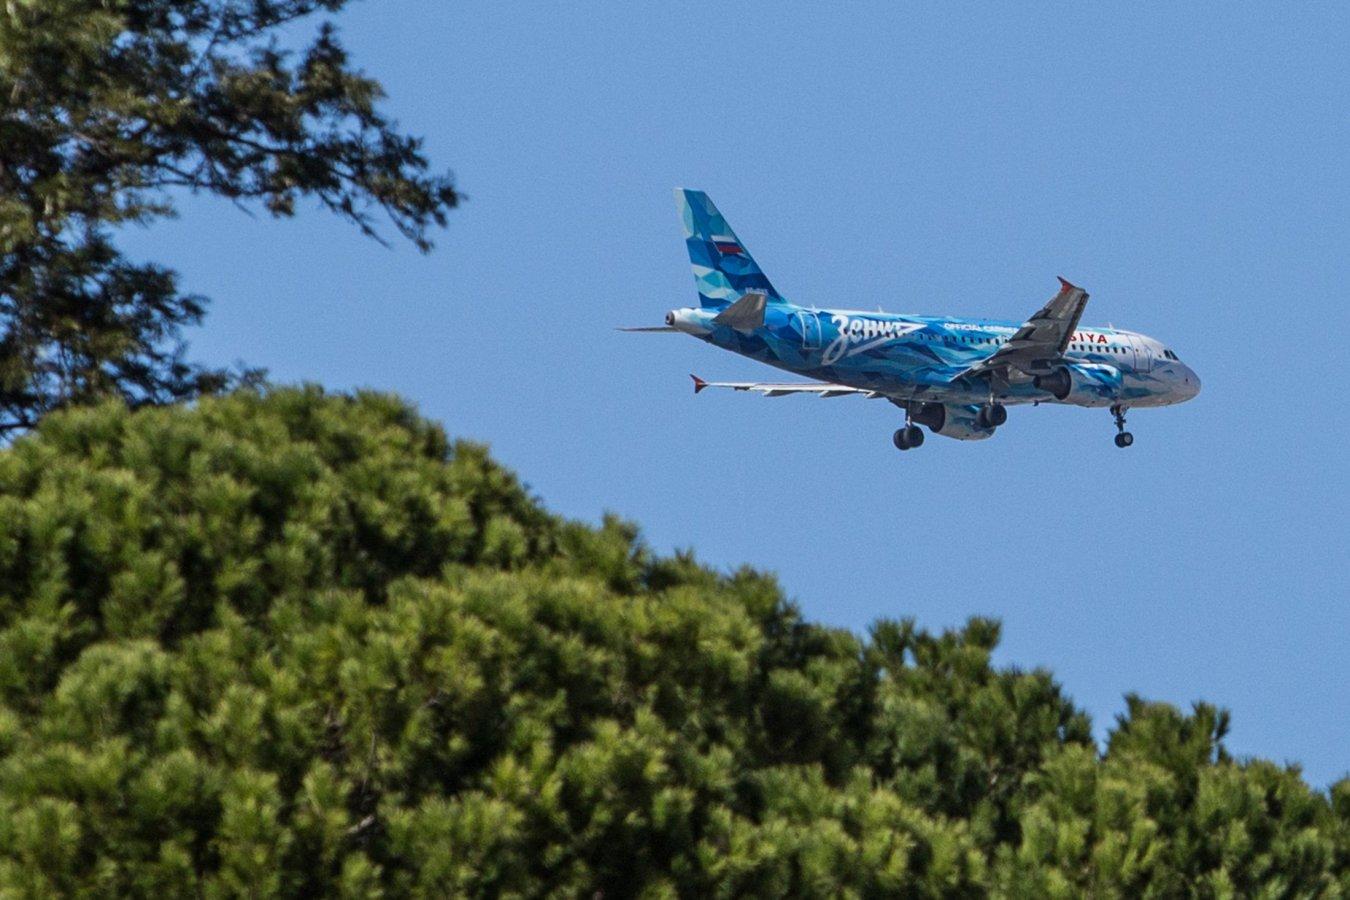 Фирменный самолёт Зенита совершил аварийную посадку из-за попадания в стаю птиц